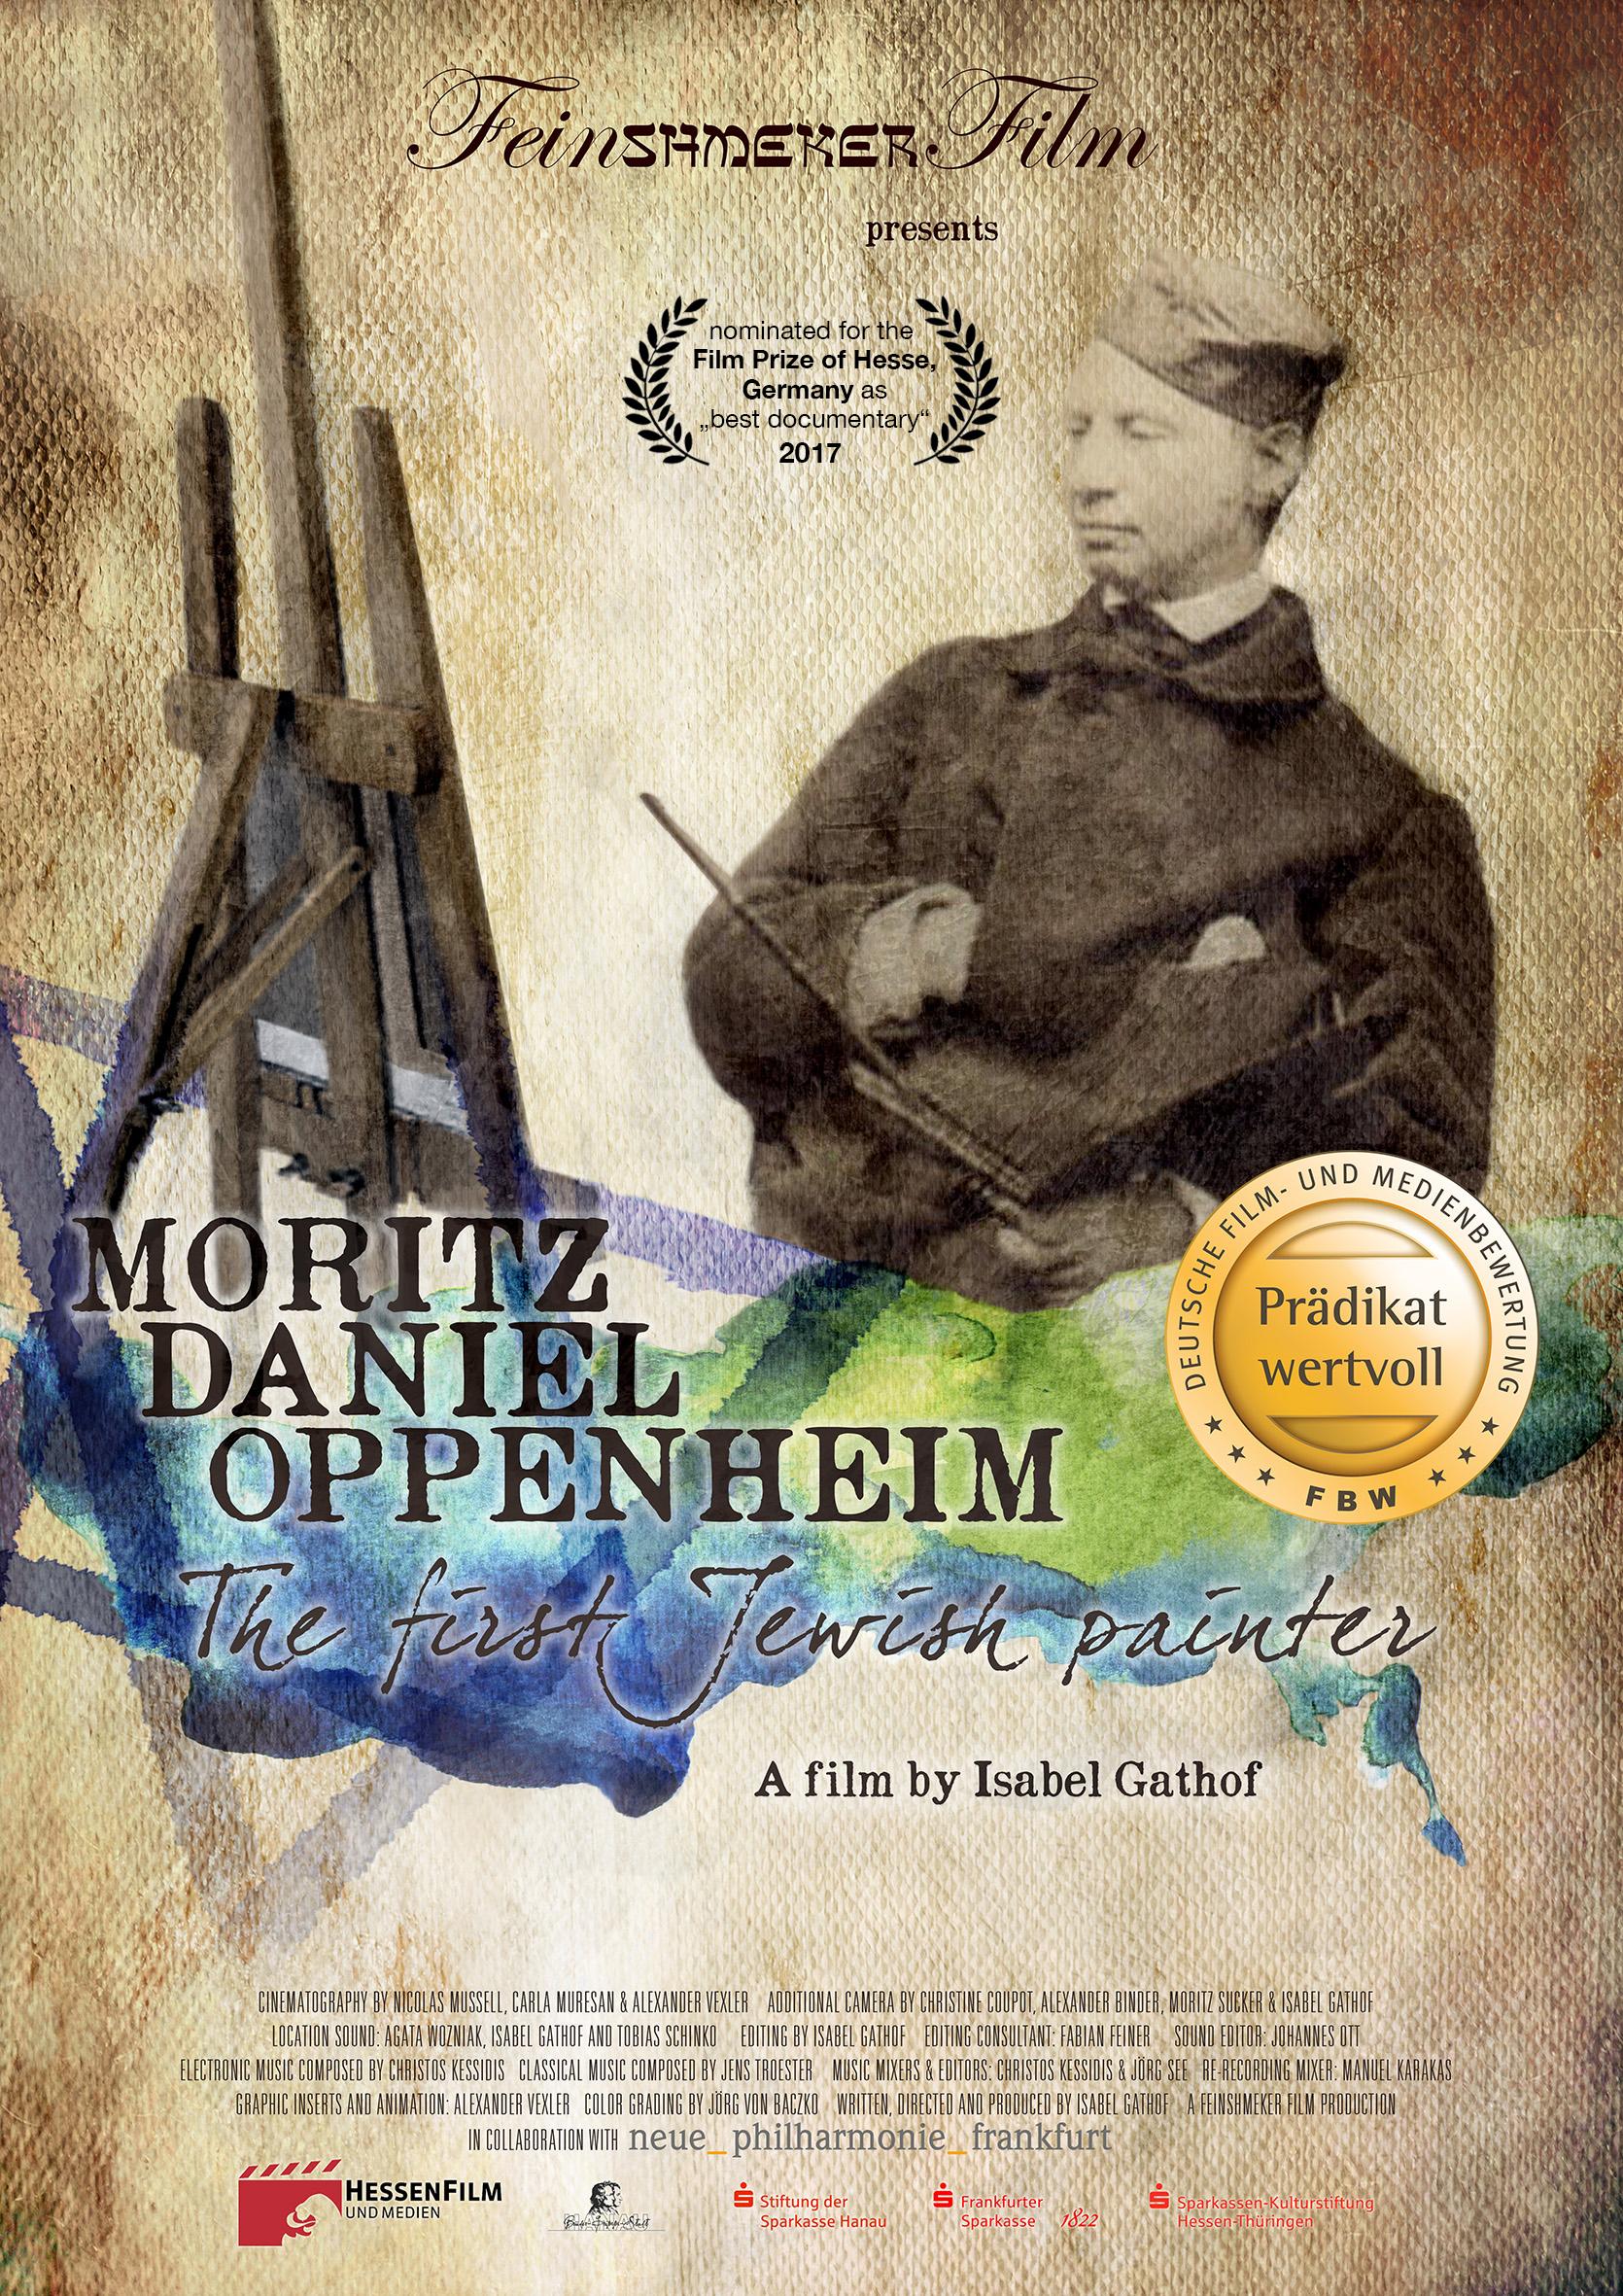 Filmposter_MORITZDANIELOPPENHEIM_mitPrädikatssiegel_NominierungFilmpreis